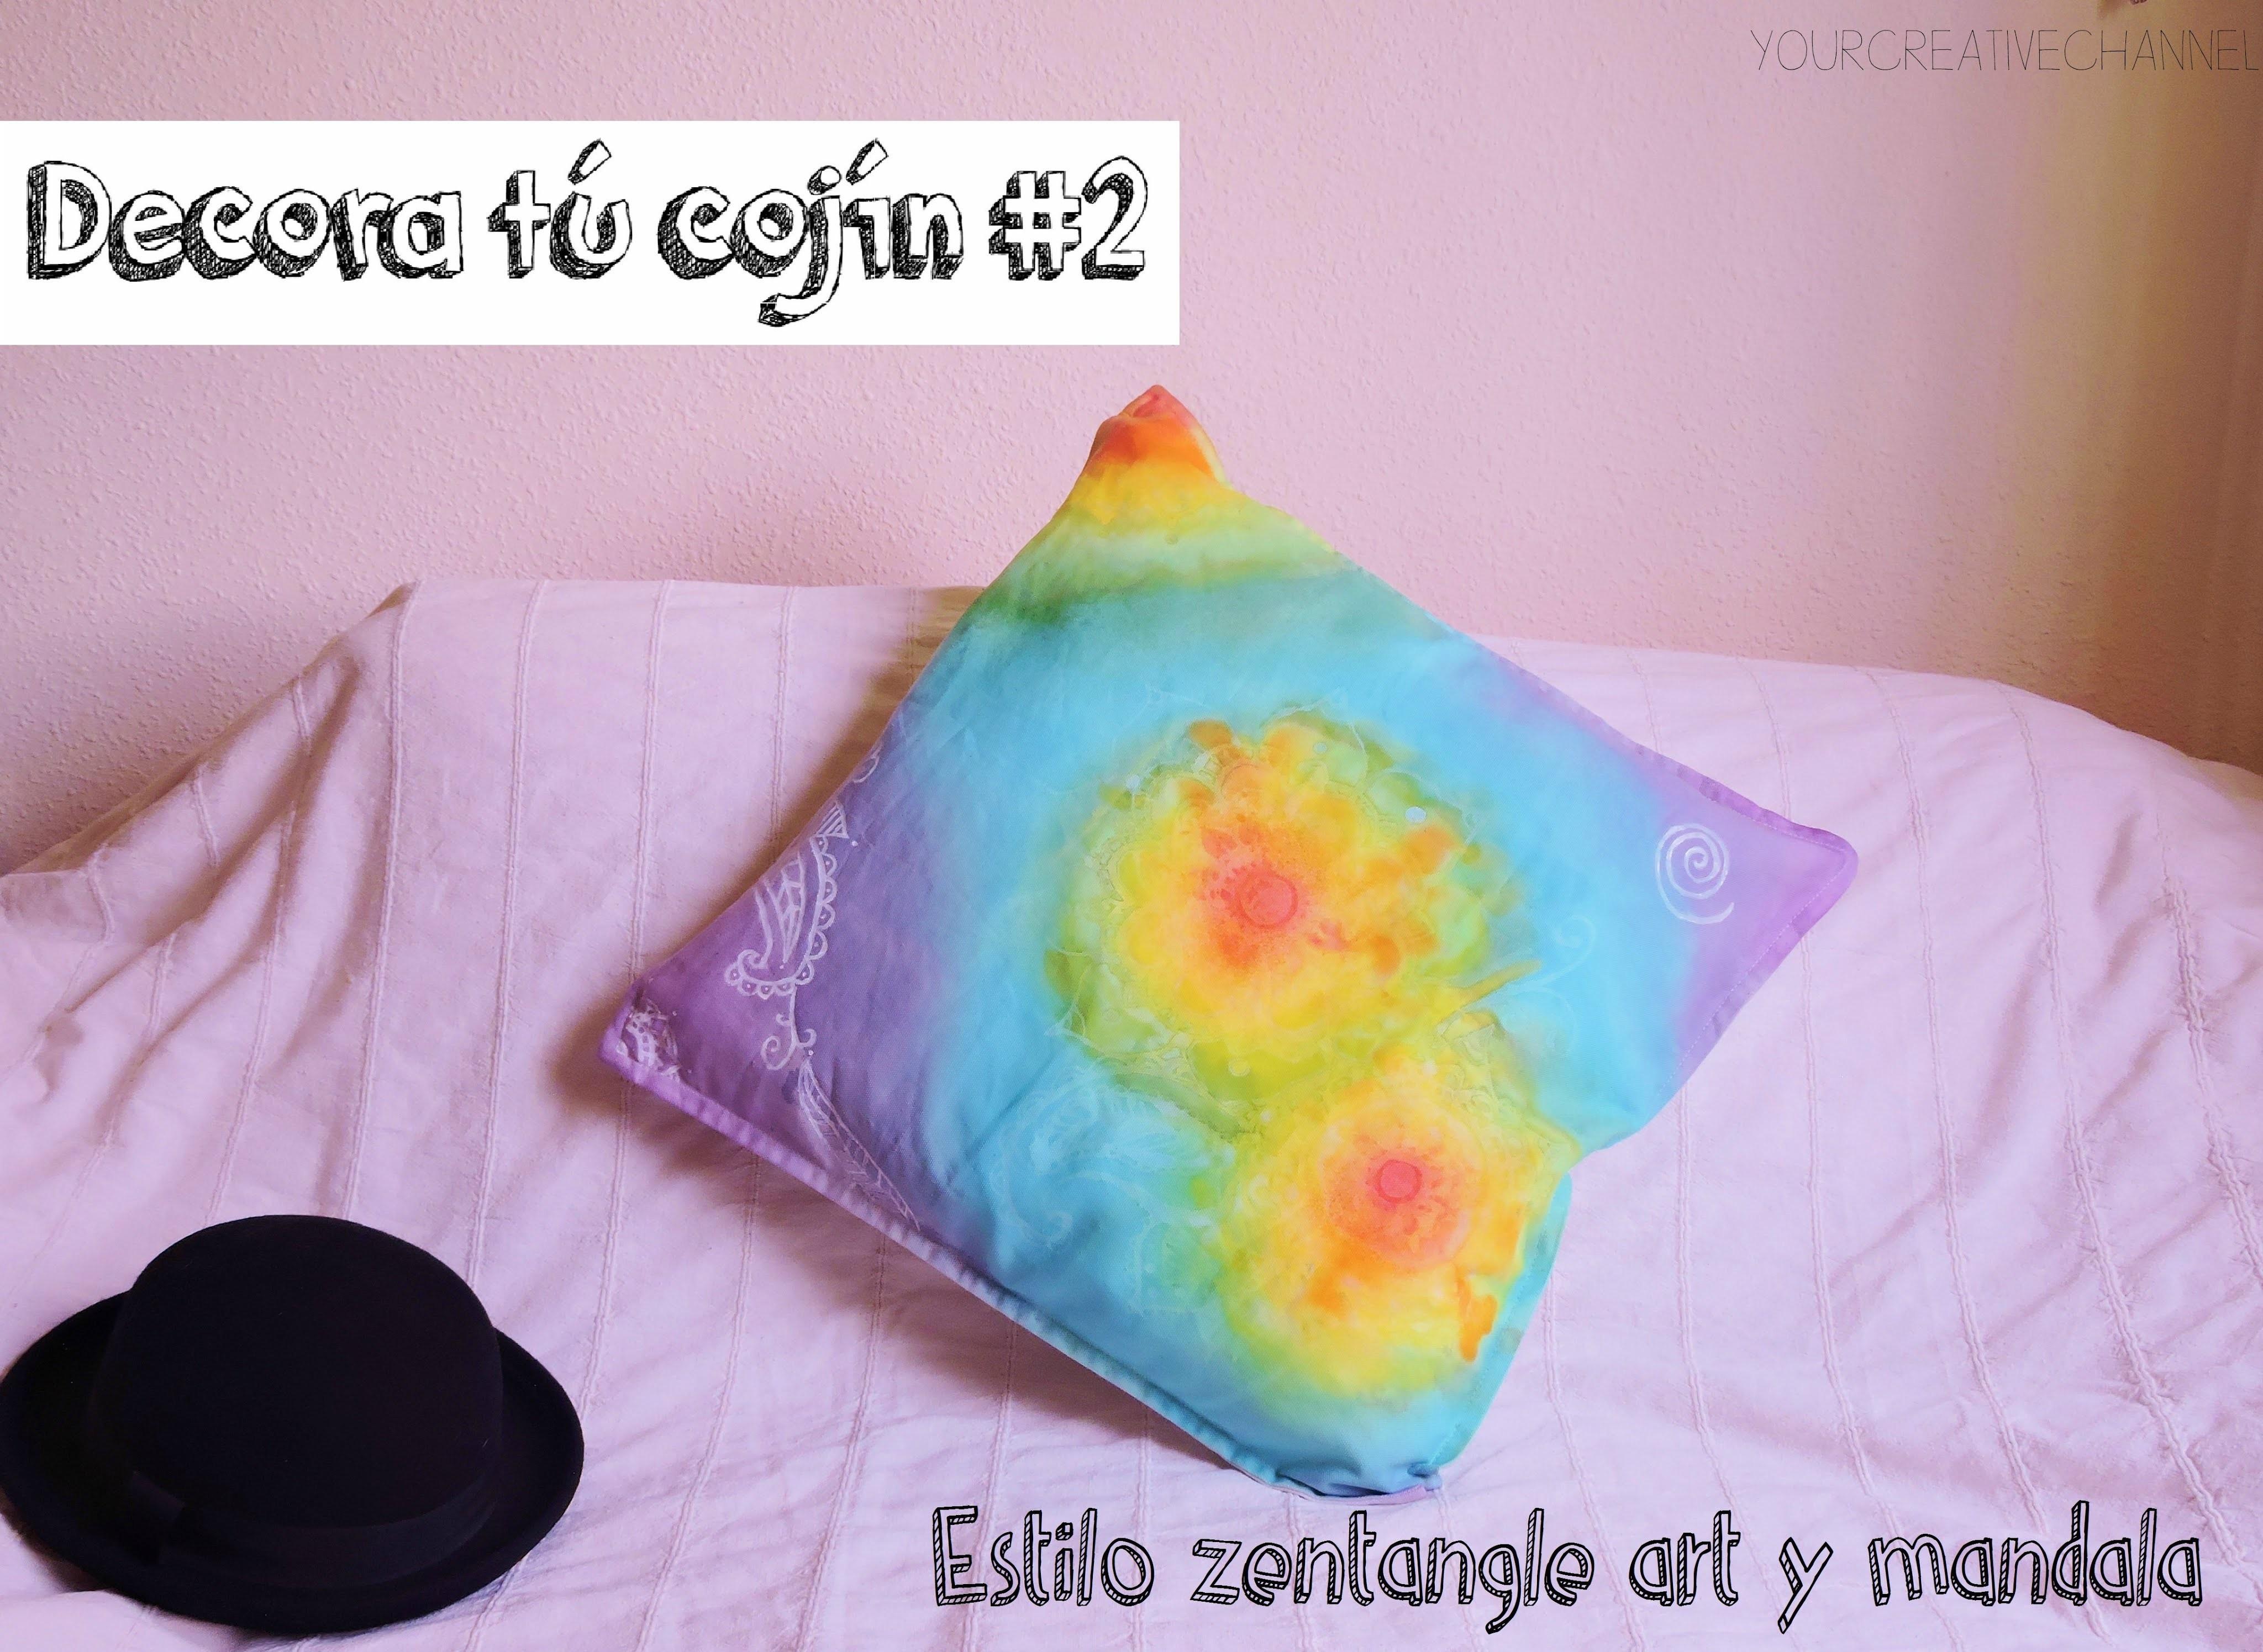 DIY Decora un cojín estilo Zentangle art y mandala - Decor a Zentangle art and mandala style pillow